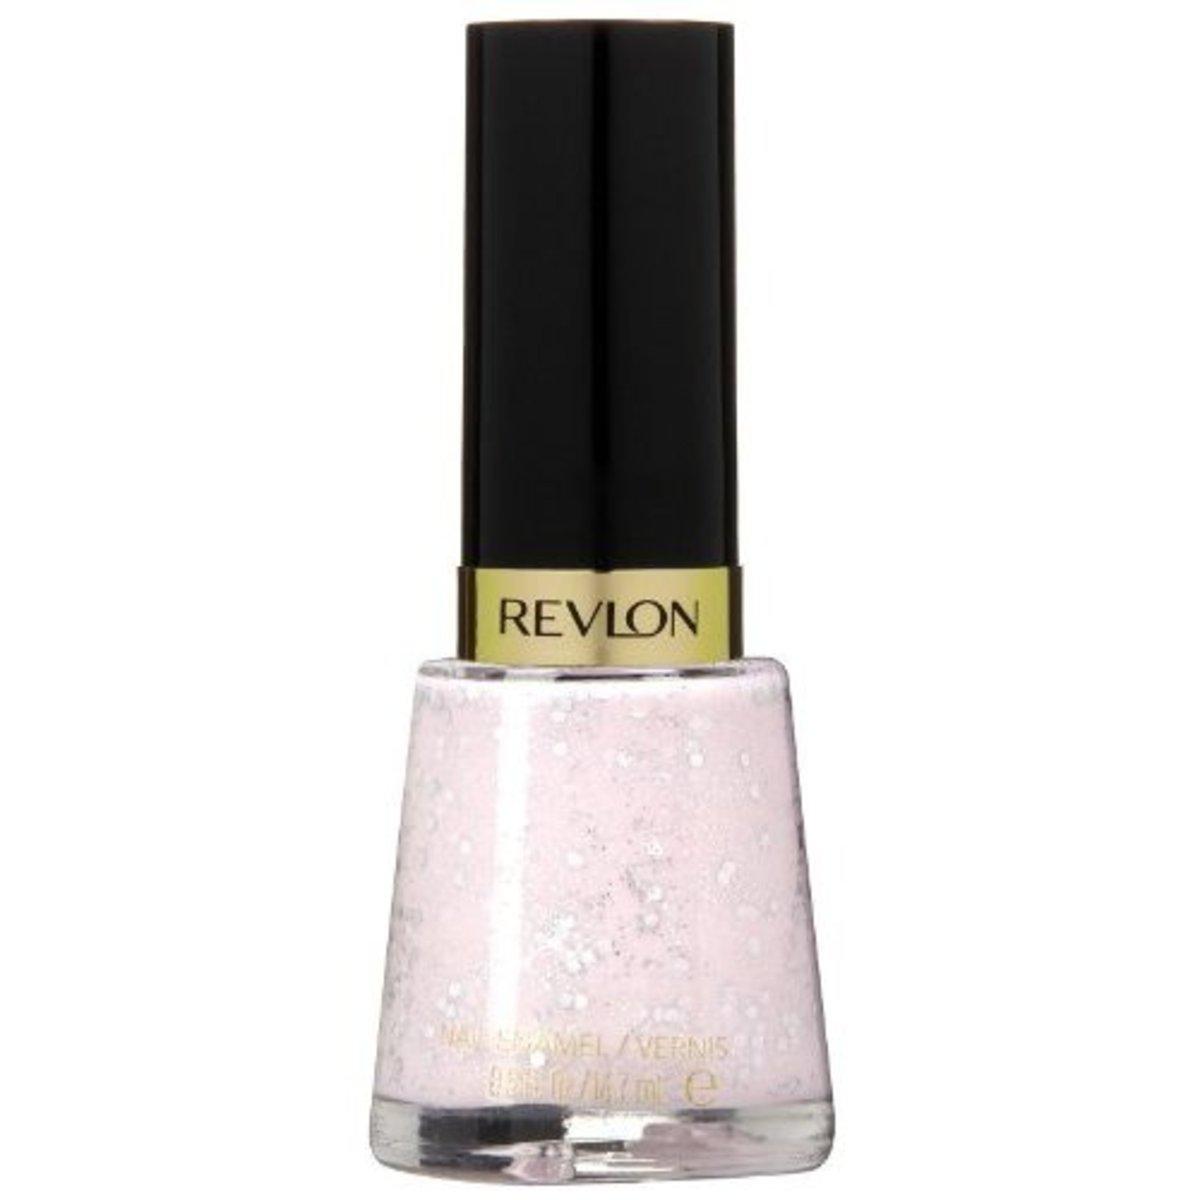 Revlon Nail Enamel in Popular